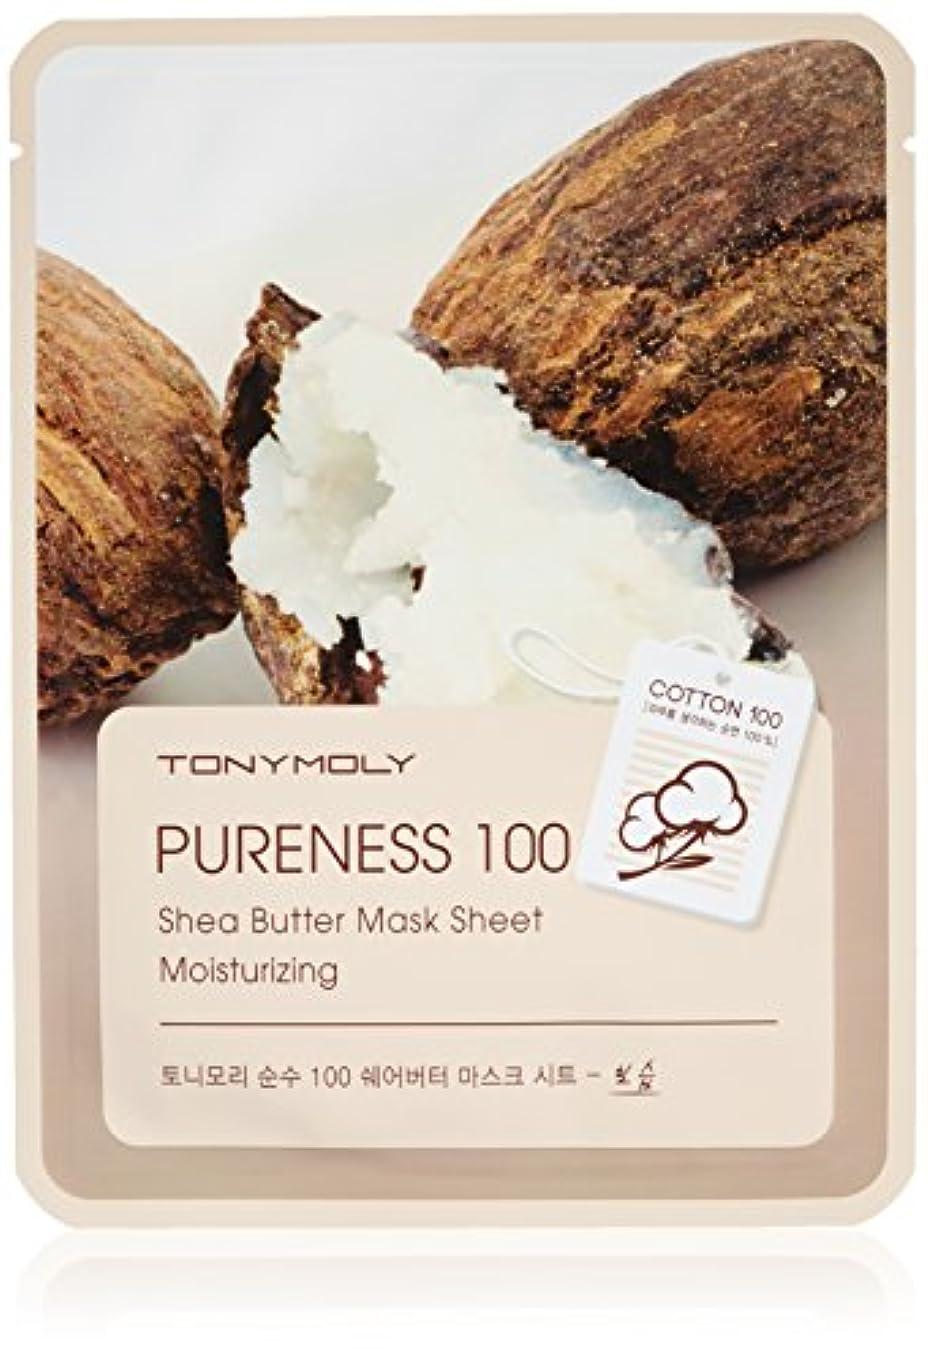 交差点ペパーミントサッカーTONYMOLY Pureness 100 Shea Butter Mask Sheet Moisturizing (並行輸入品)